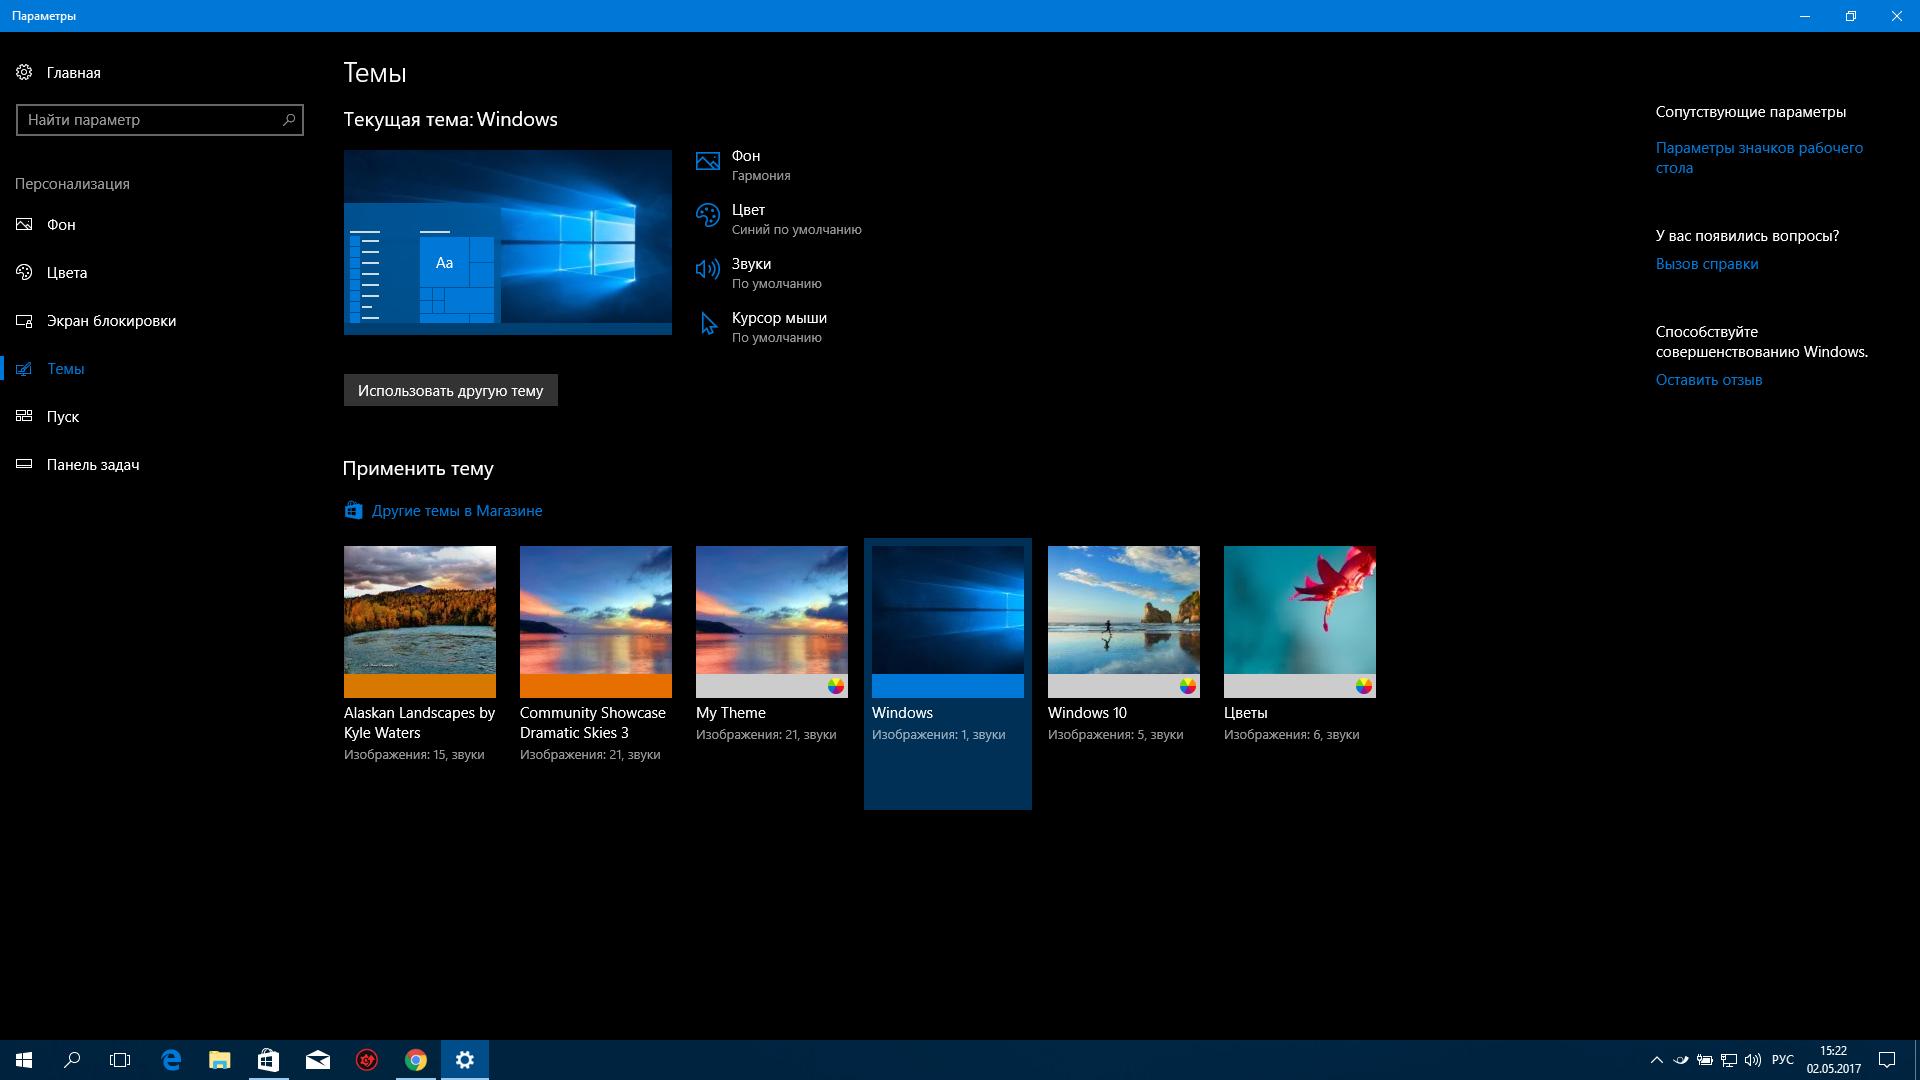 скачать темы для windows 7 с автоматической установкой бесплатно